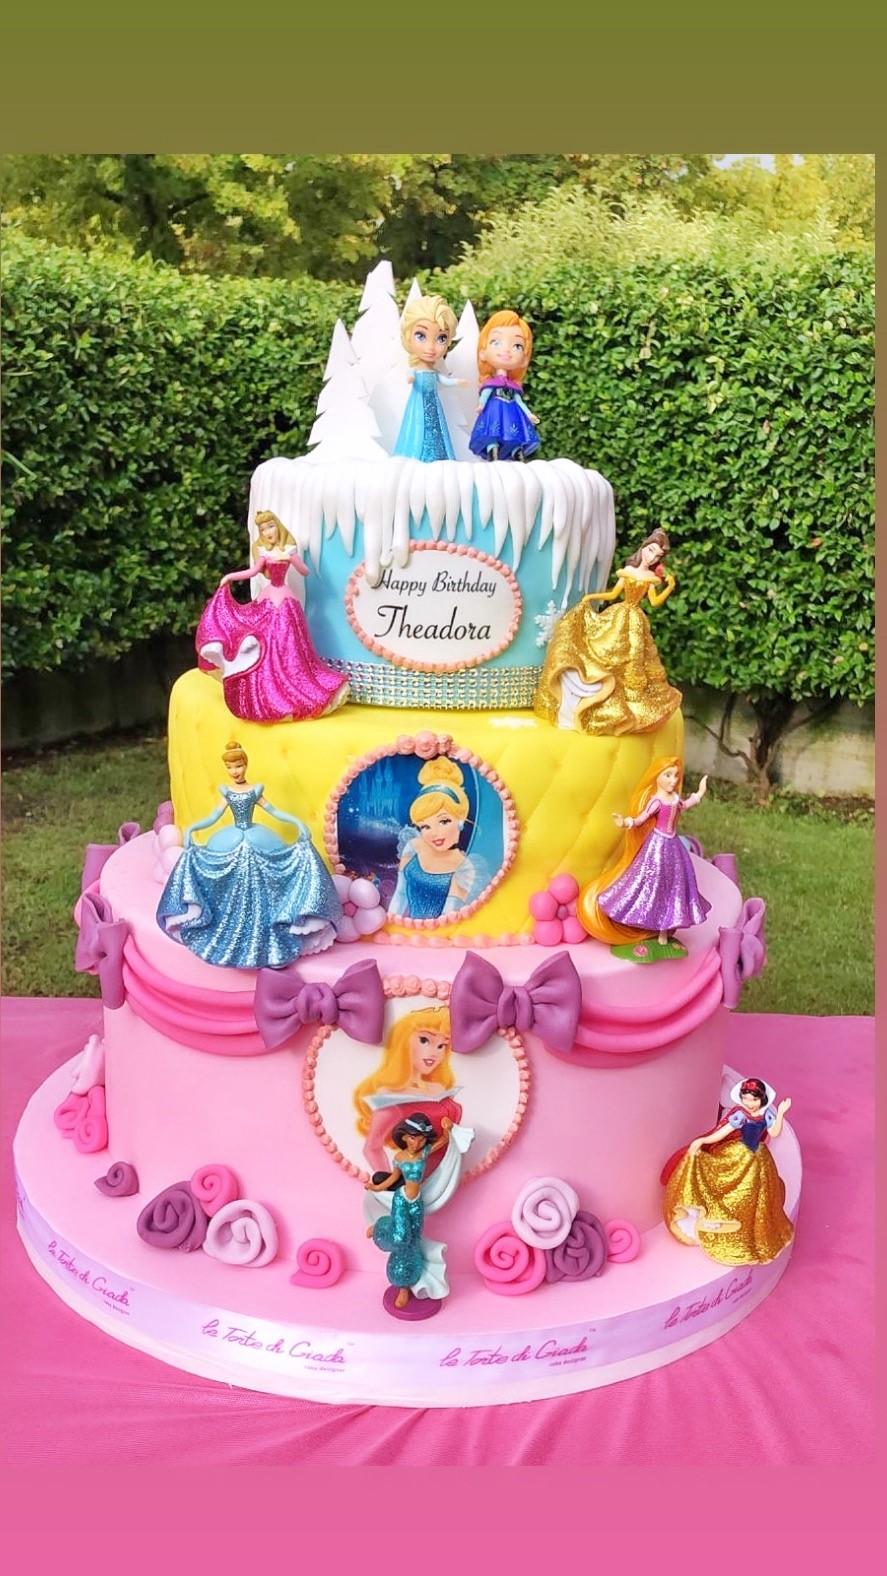 compleanno brescia bambina principesse